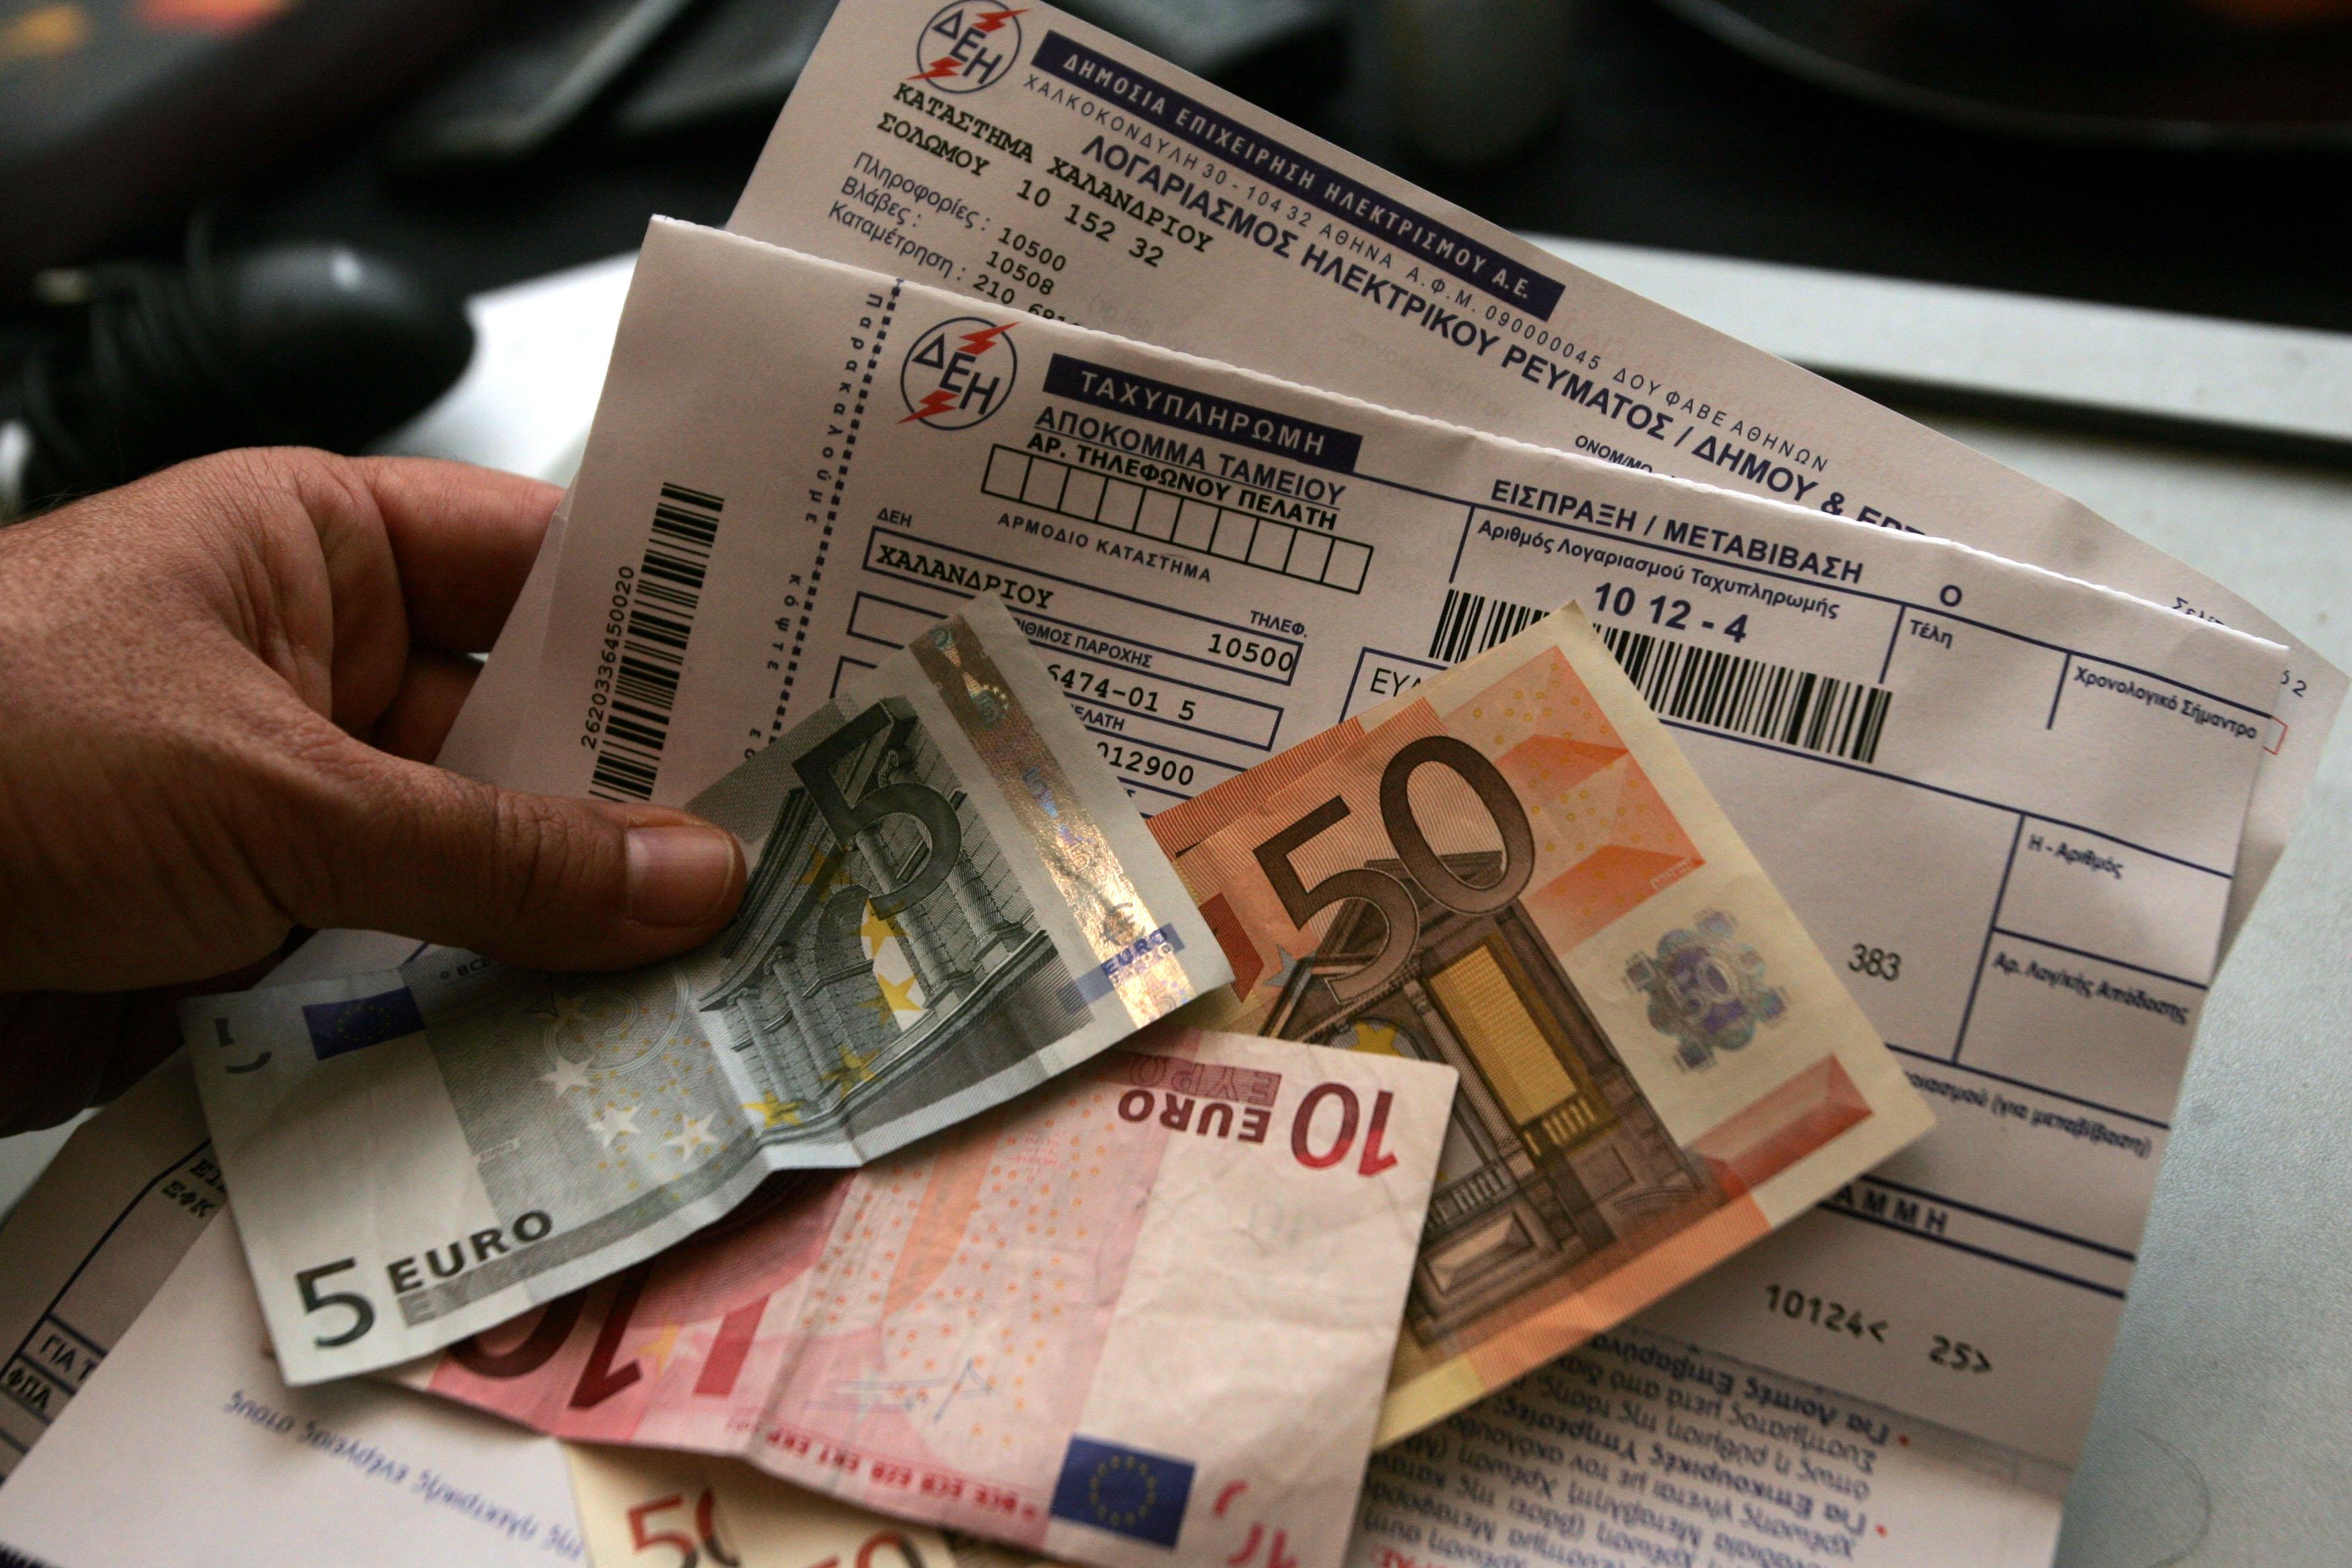 Με τρία κλιμάκια οι χρεώσεις των Υπηρεσιών Κοινής Ωφέλειας στο ρεύμα | tovima.gr